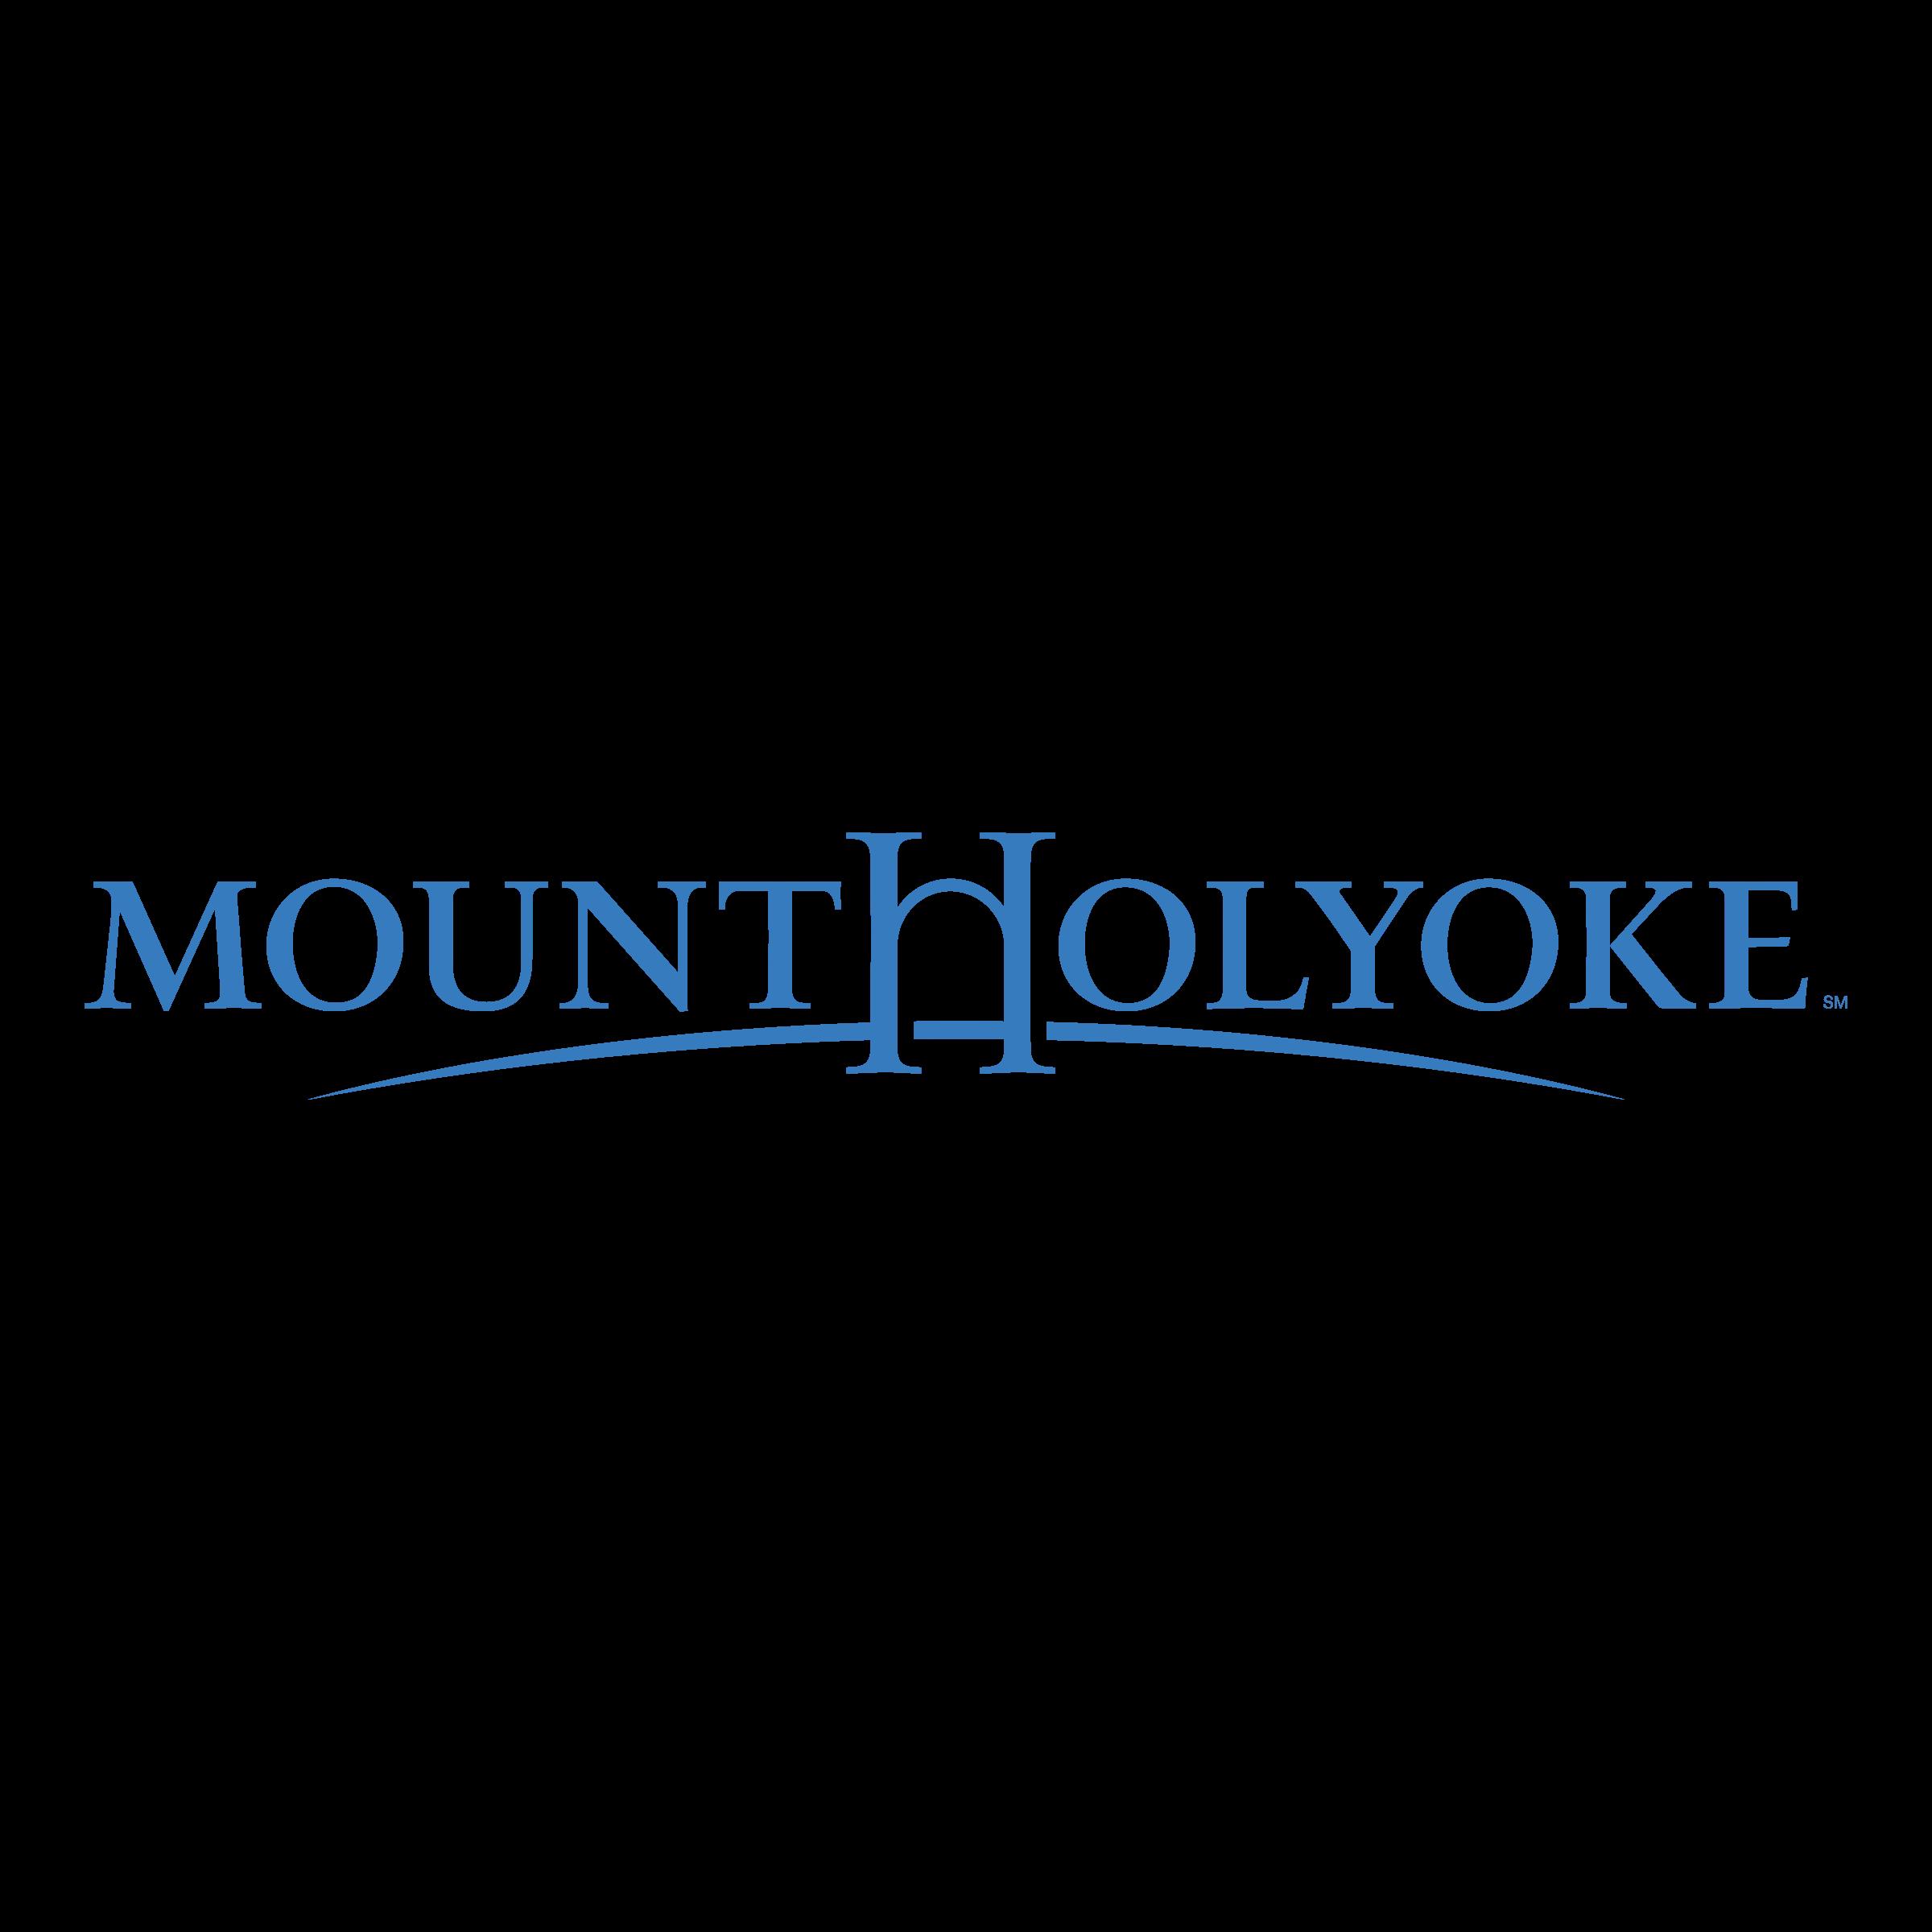 Mount Holyoke.png